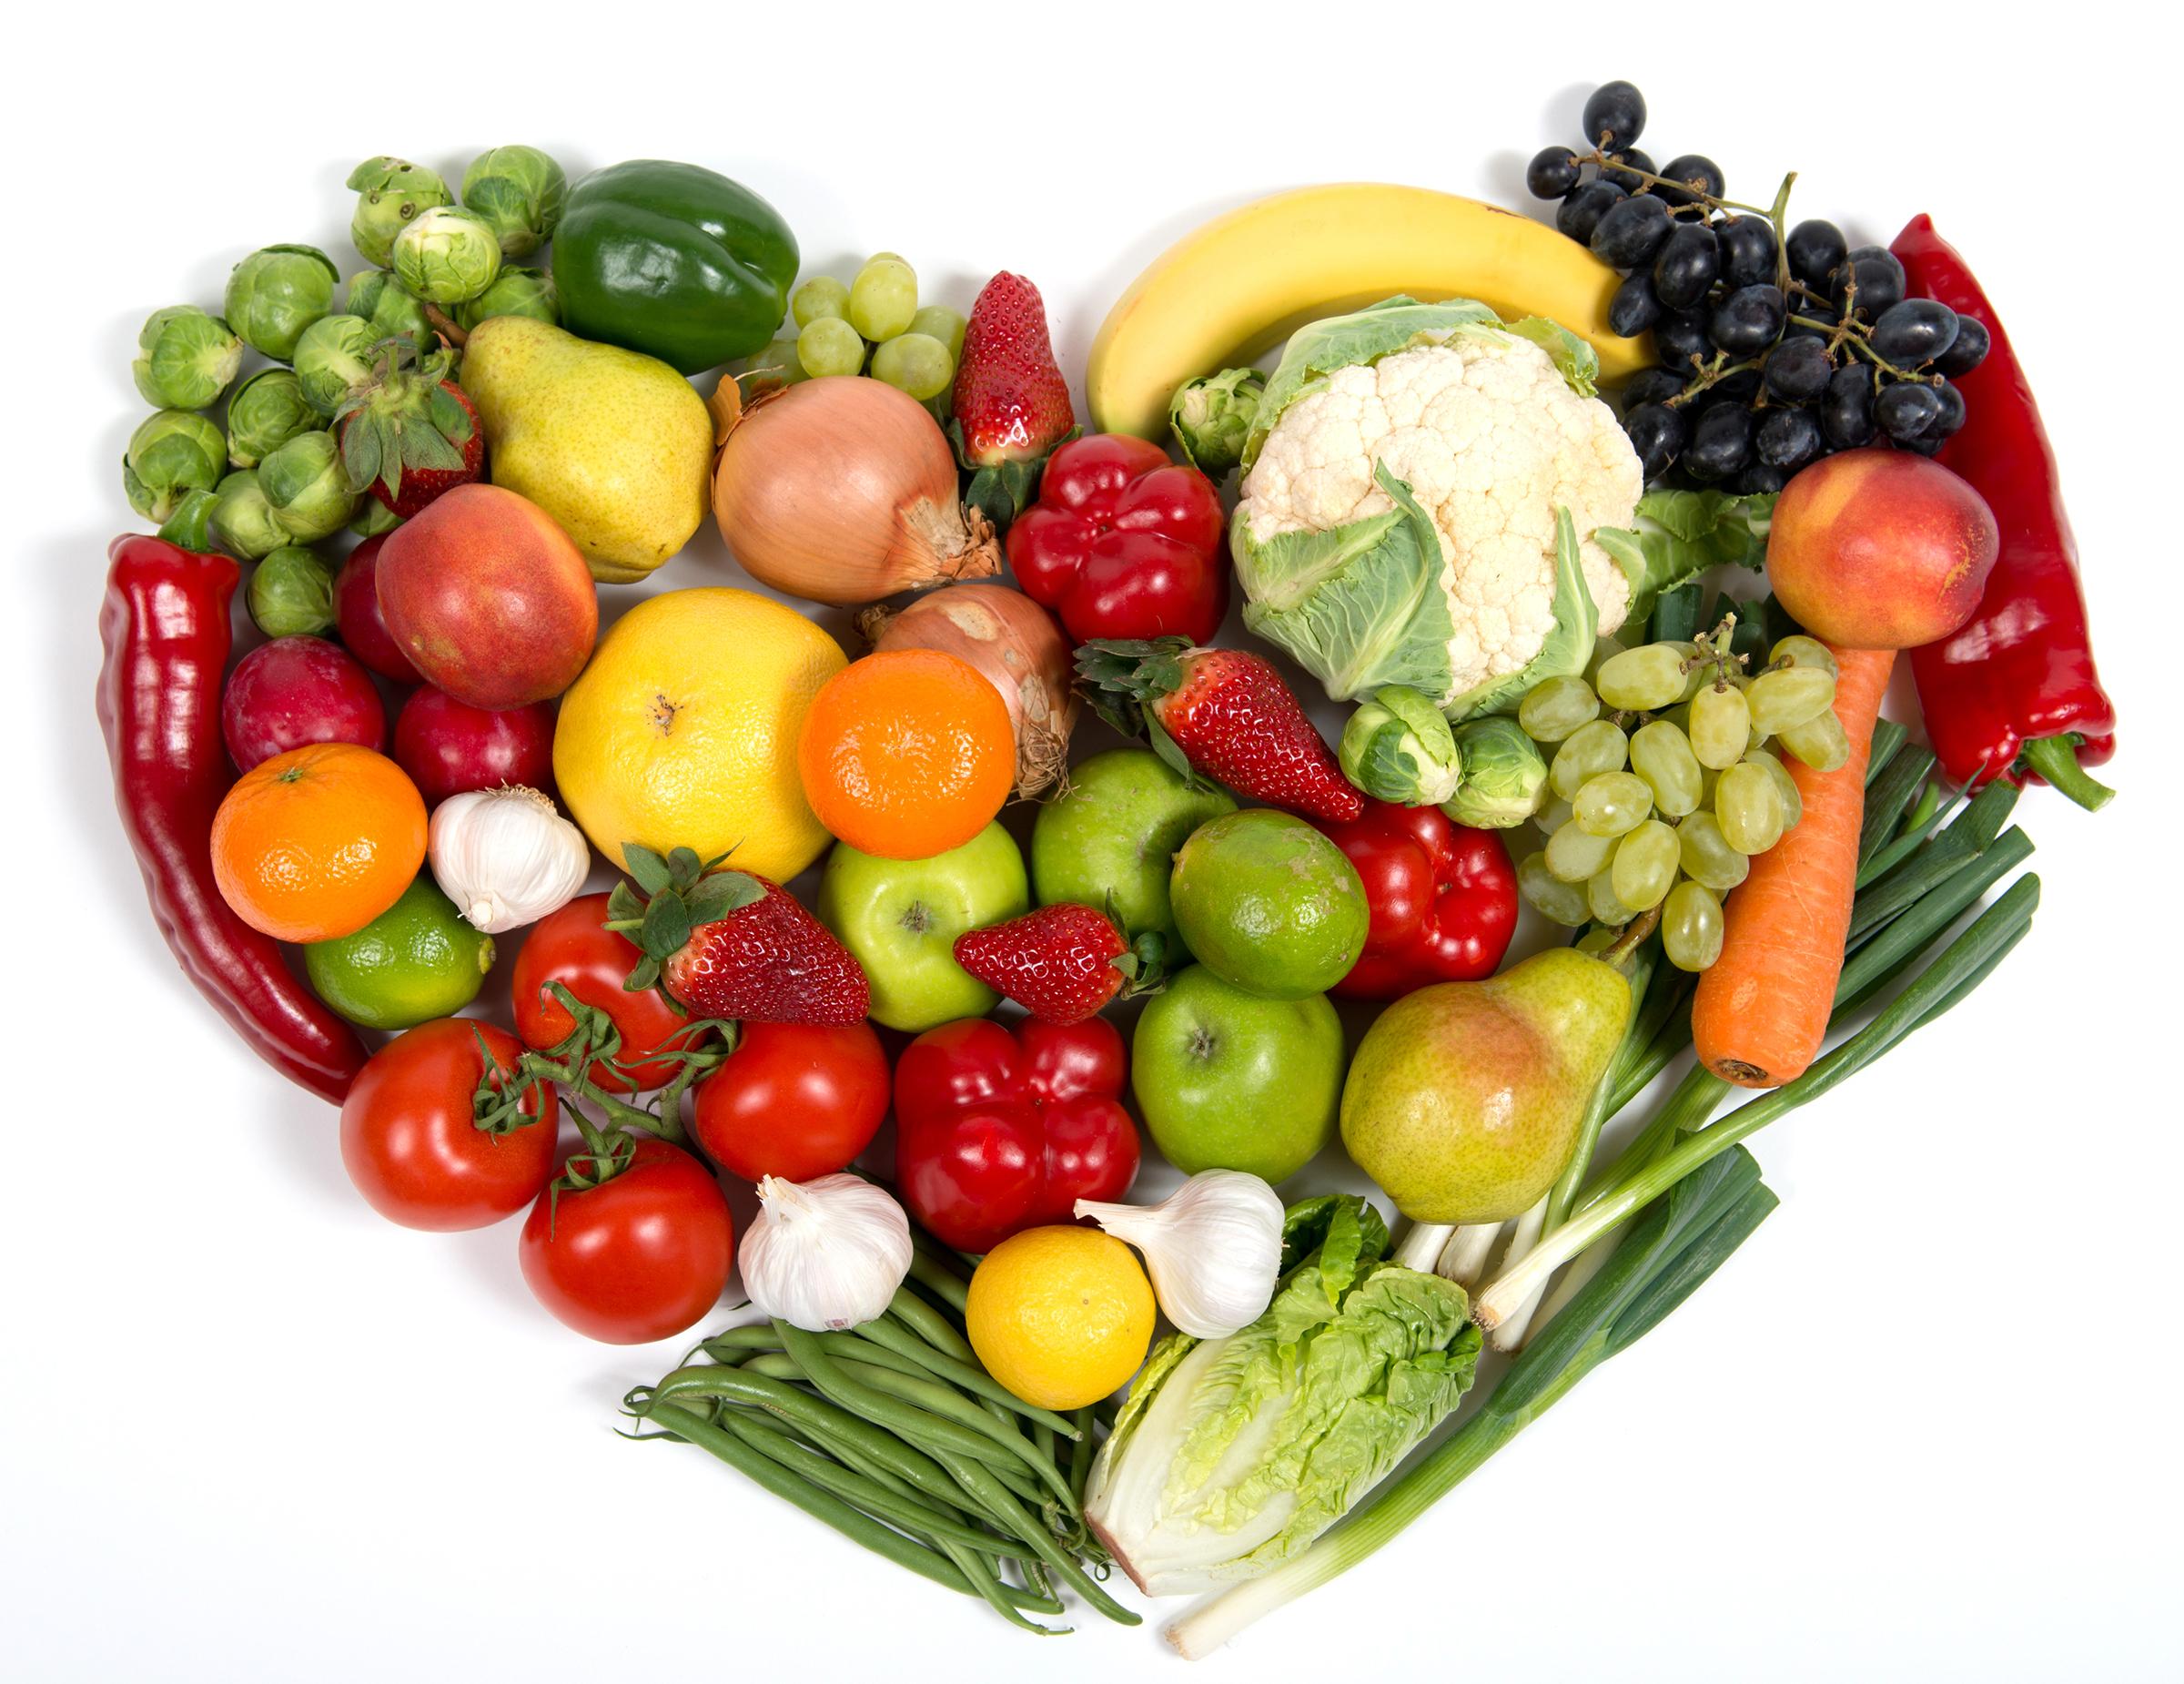 Dopamine-entrainement-prive-fruits-legumes-mauvais-sante